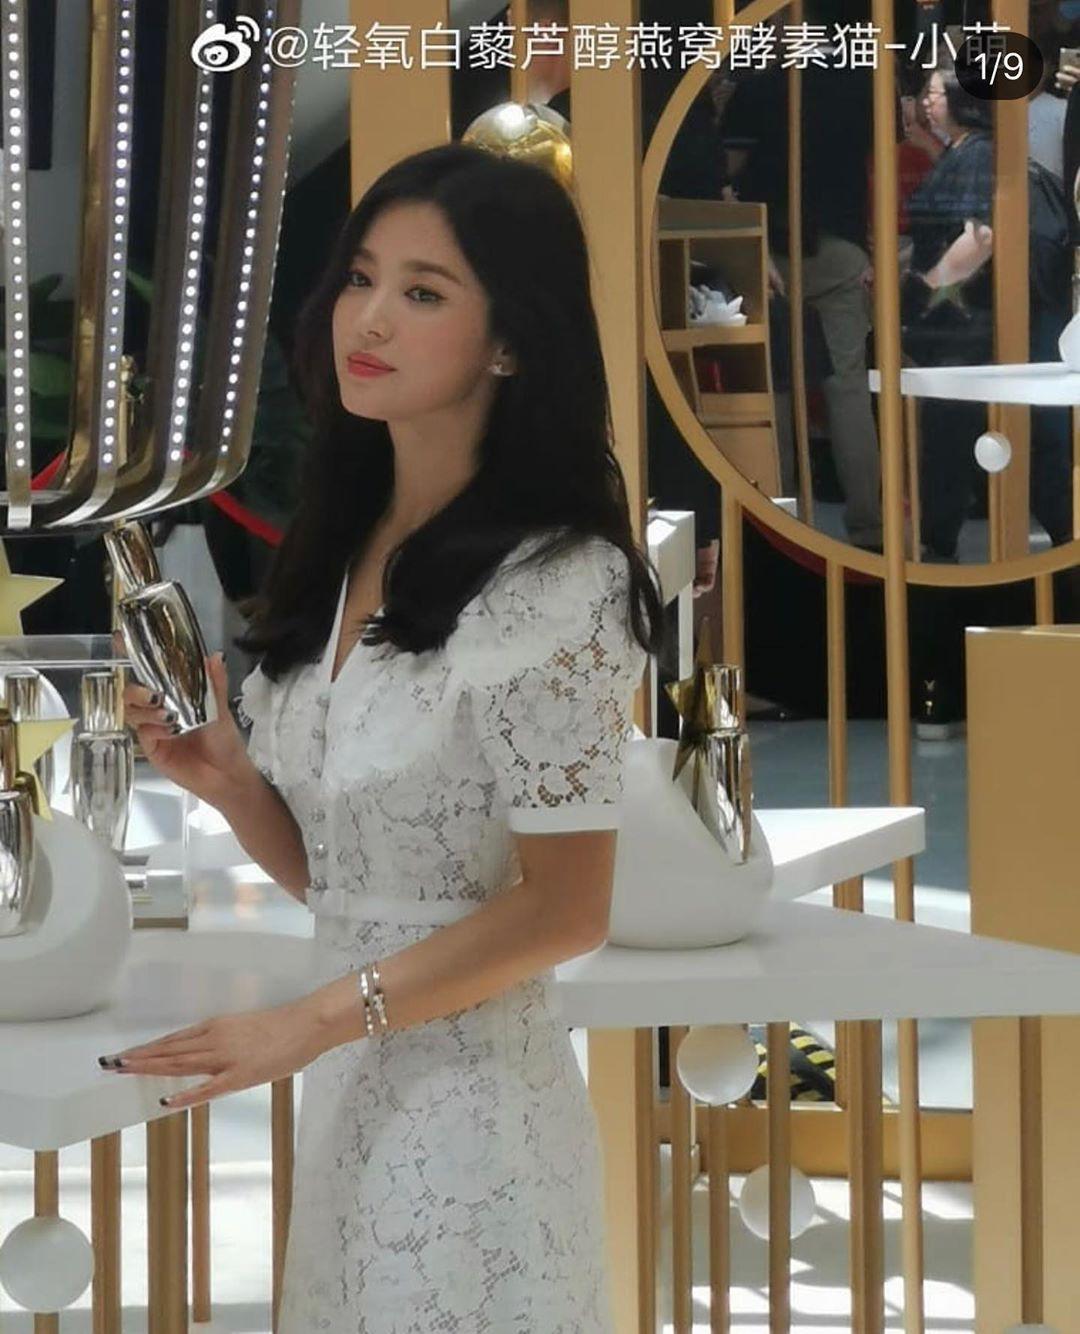 Loạt ảnh chụp vội của Song Hye Kyo gây sốt giữa bão ly hôn: Đúng là nhan sắc, thần thái bất chấp tất cả!-3